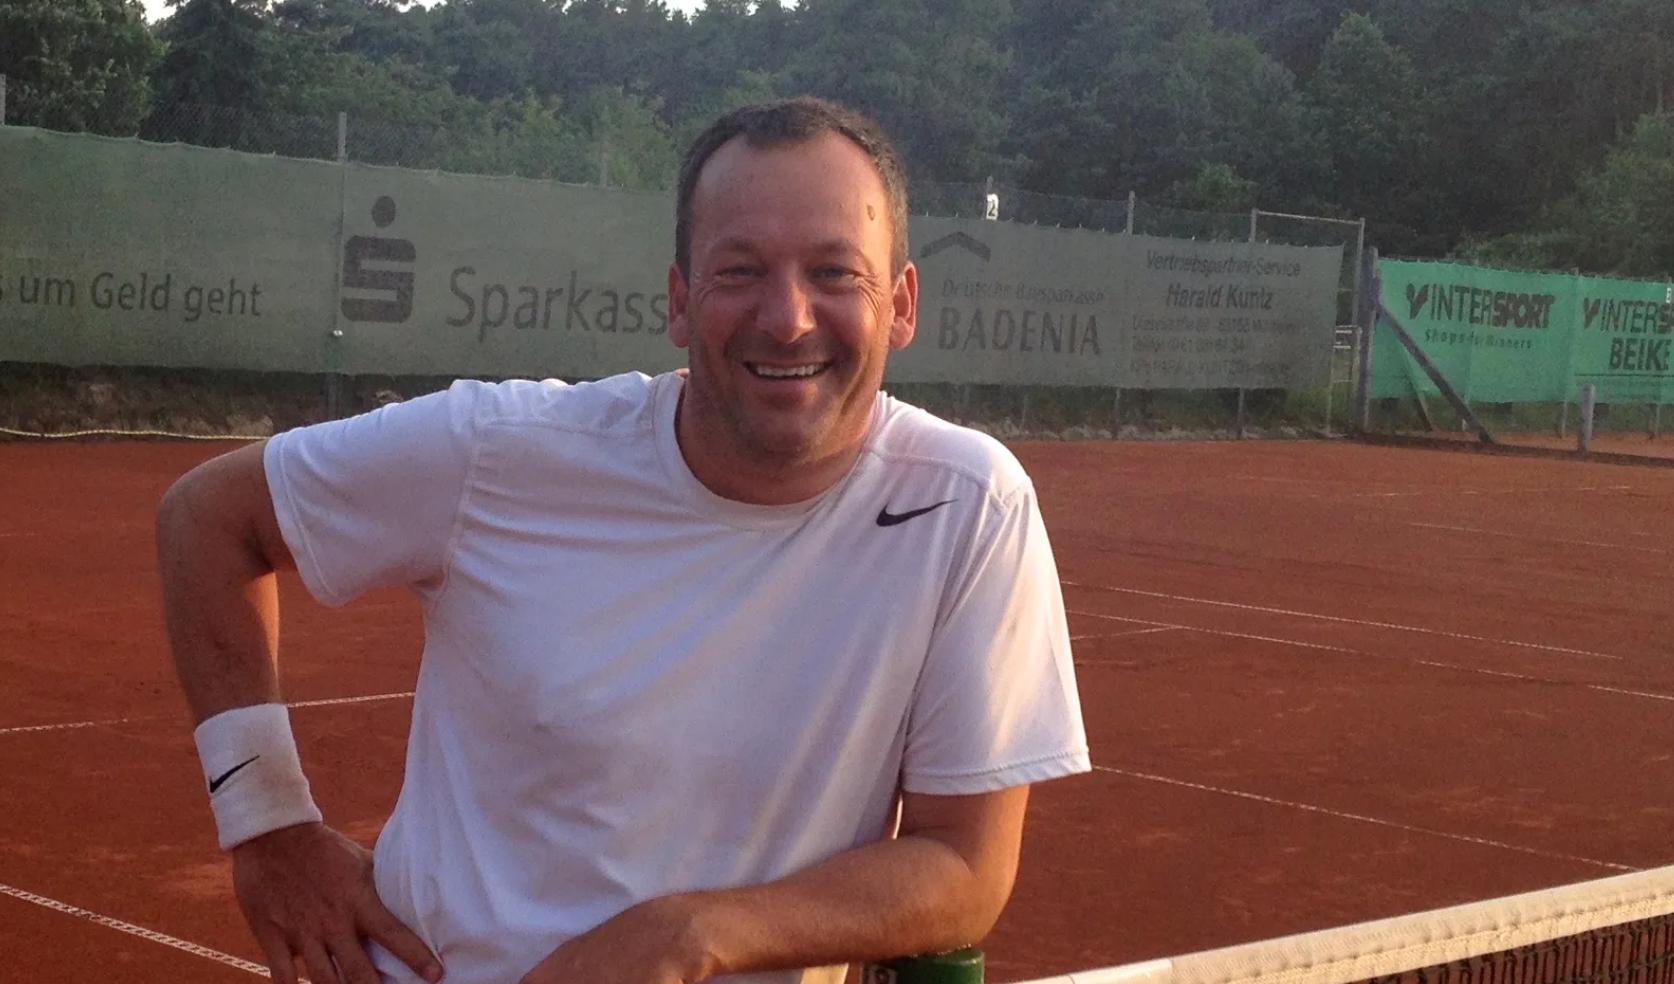 Achtsamkeit ist in aller Munde – aber was hat das mit Tennis zu tun?